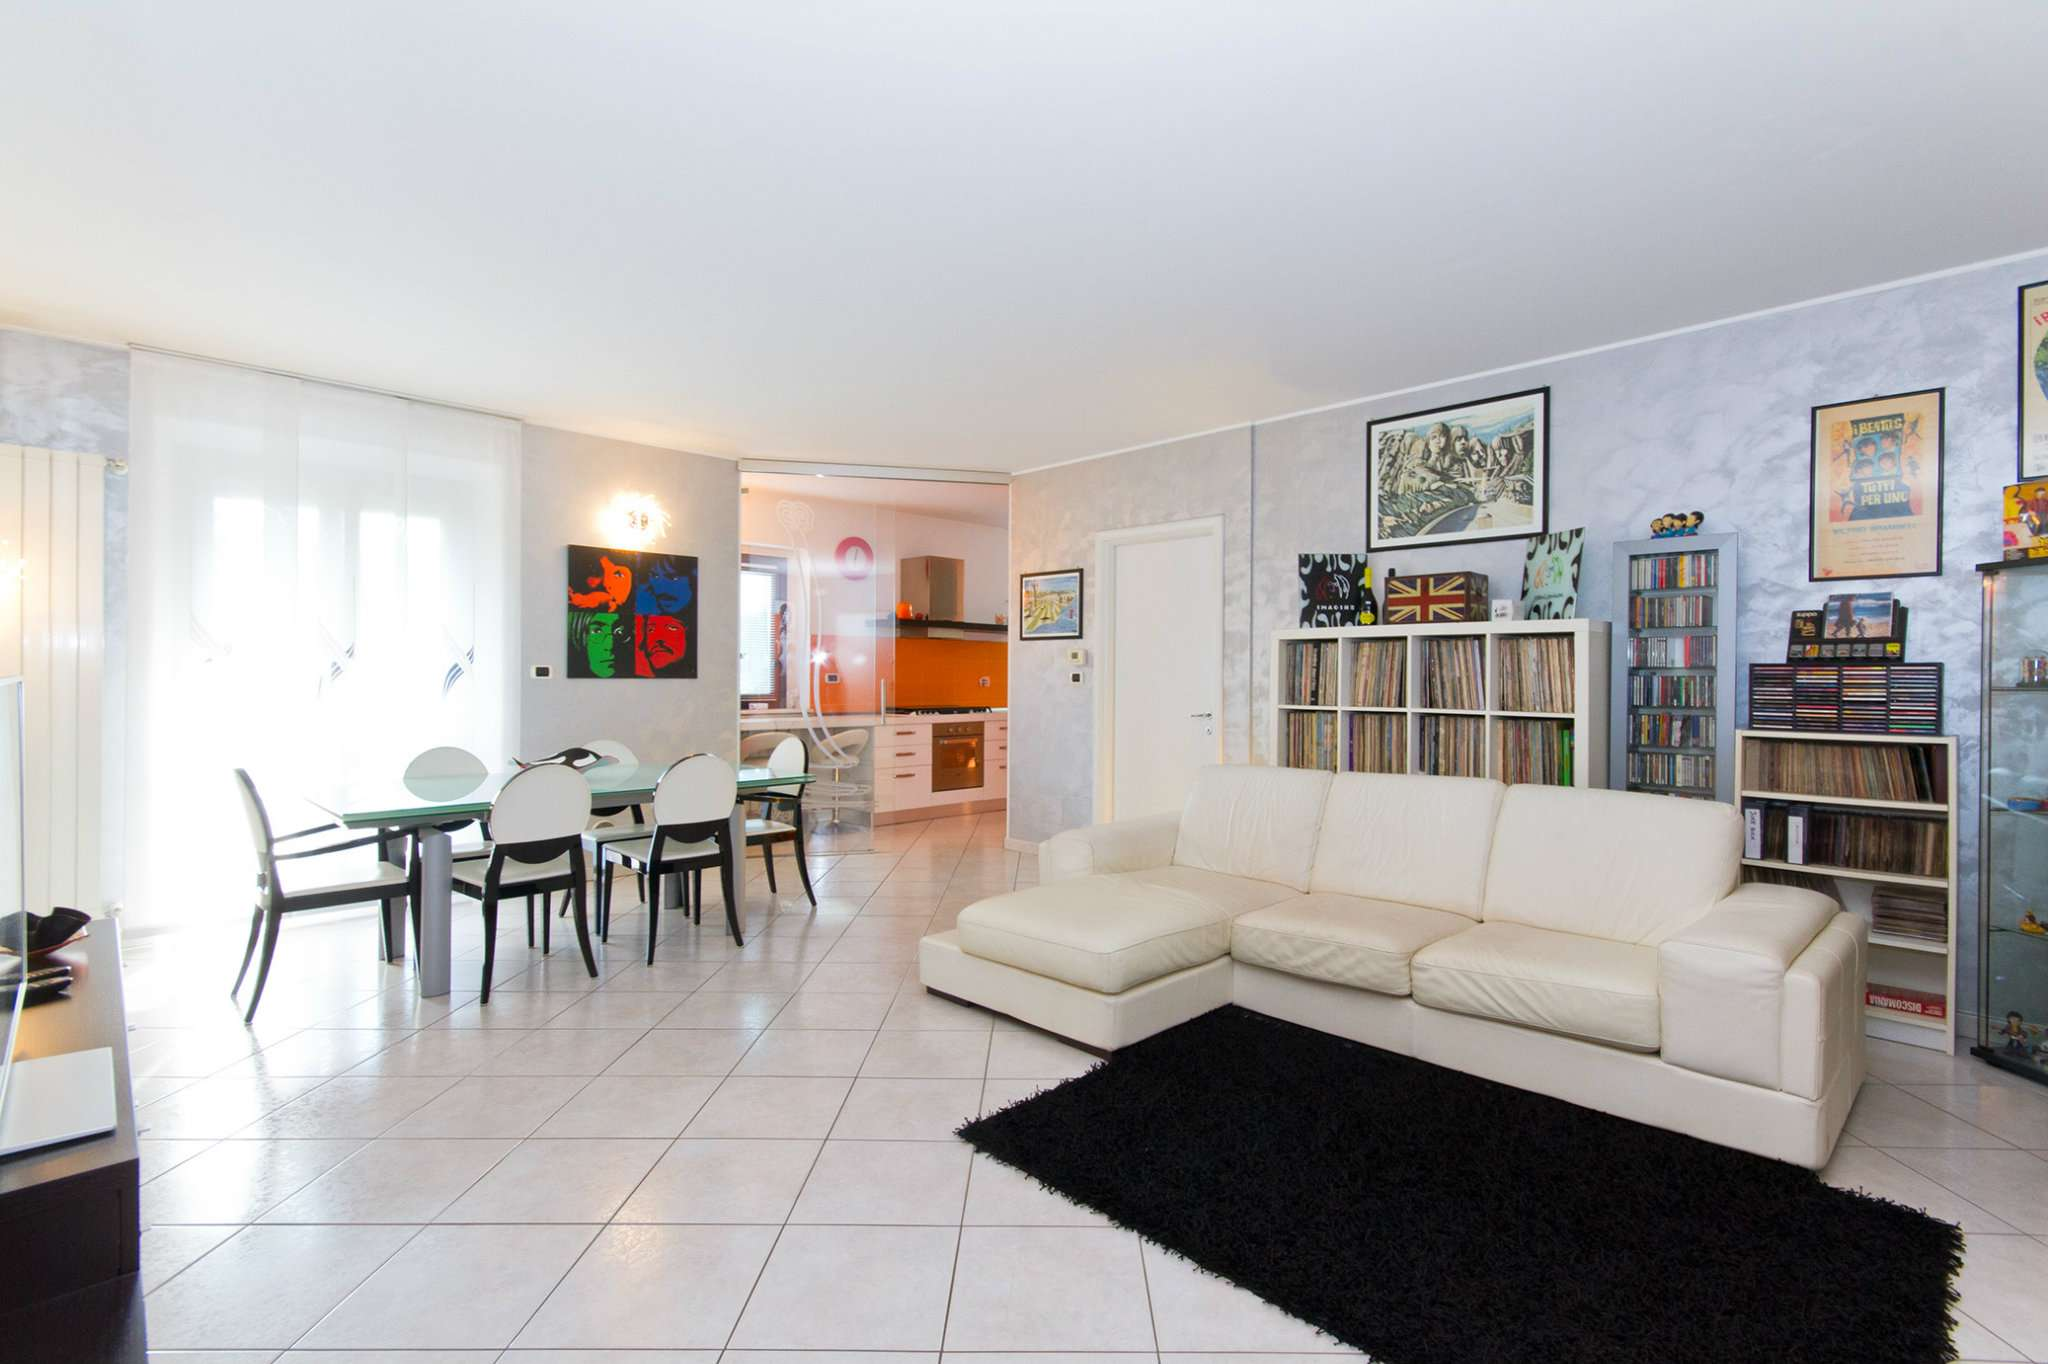 Appartamento in vendita a Pianezza, 5 locali, prezzo € 278.000 | CambioCasa.it